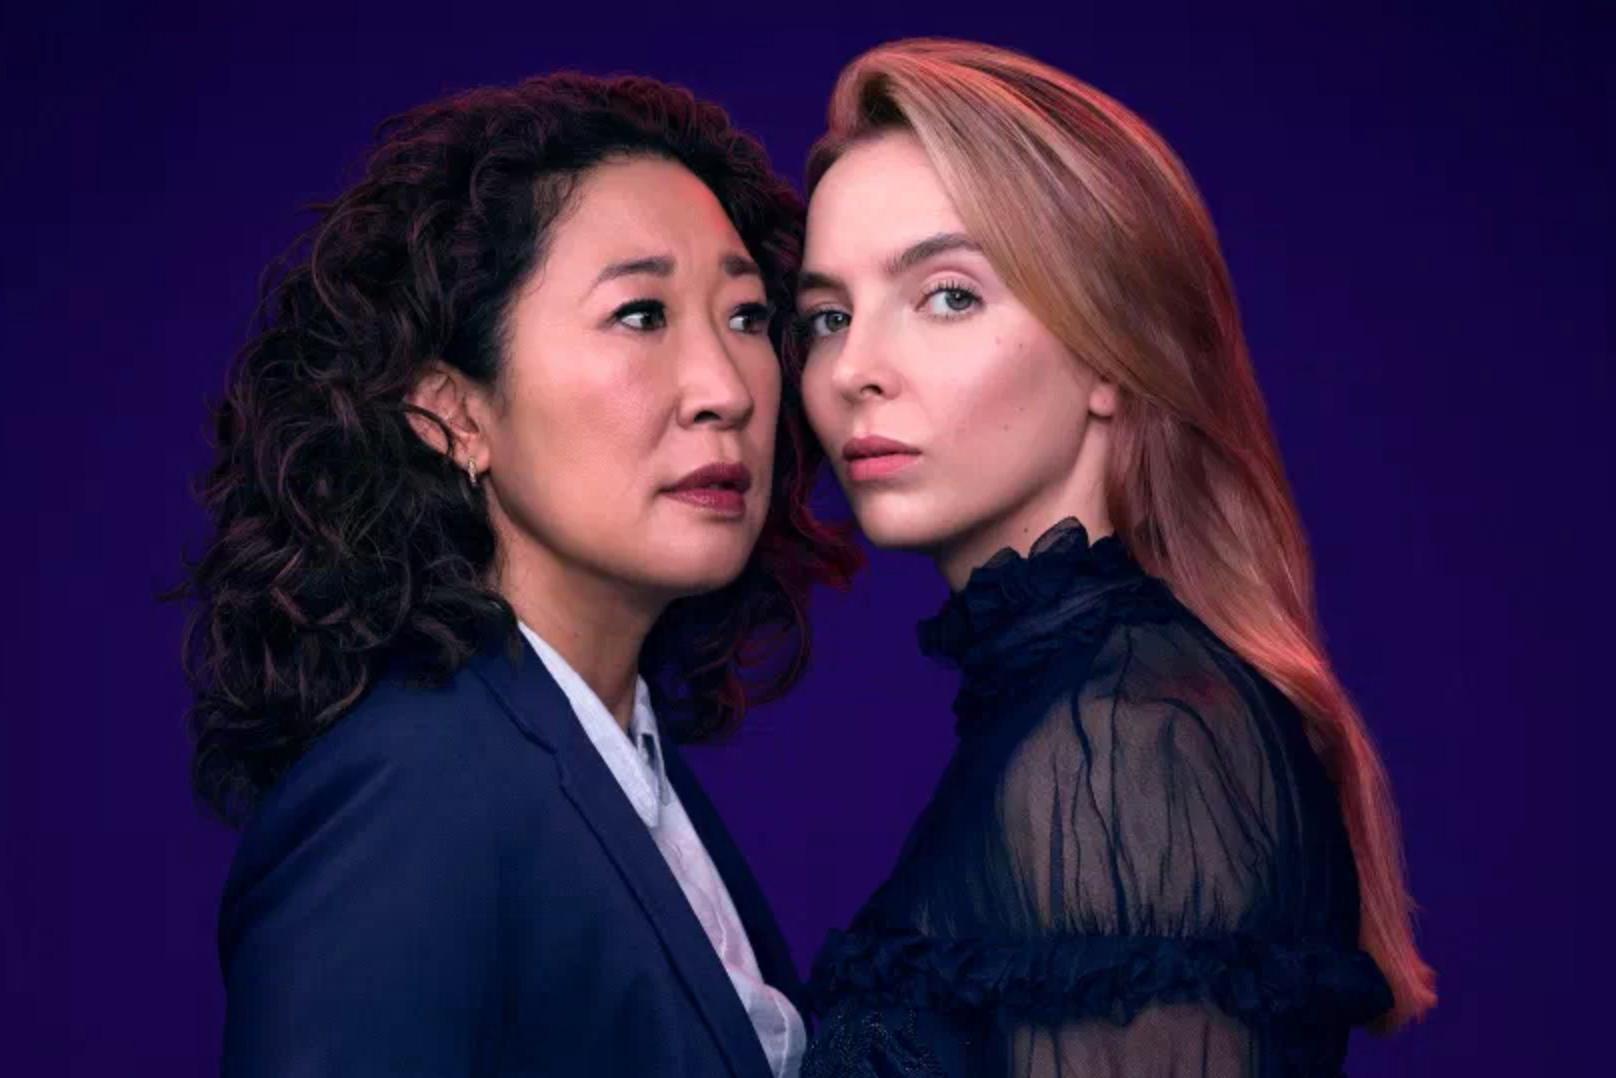 Phim giật gân 'Killing Eve' kết thúc sau mùa bốn Ảnh 1